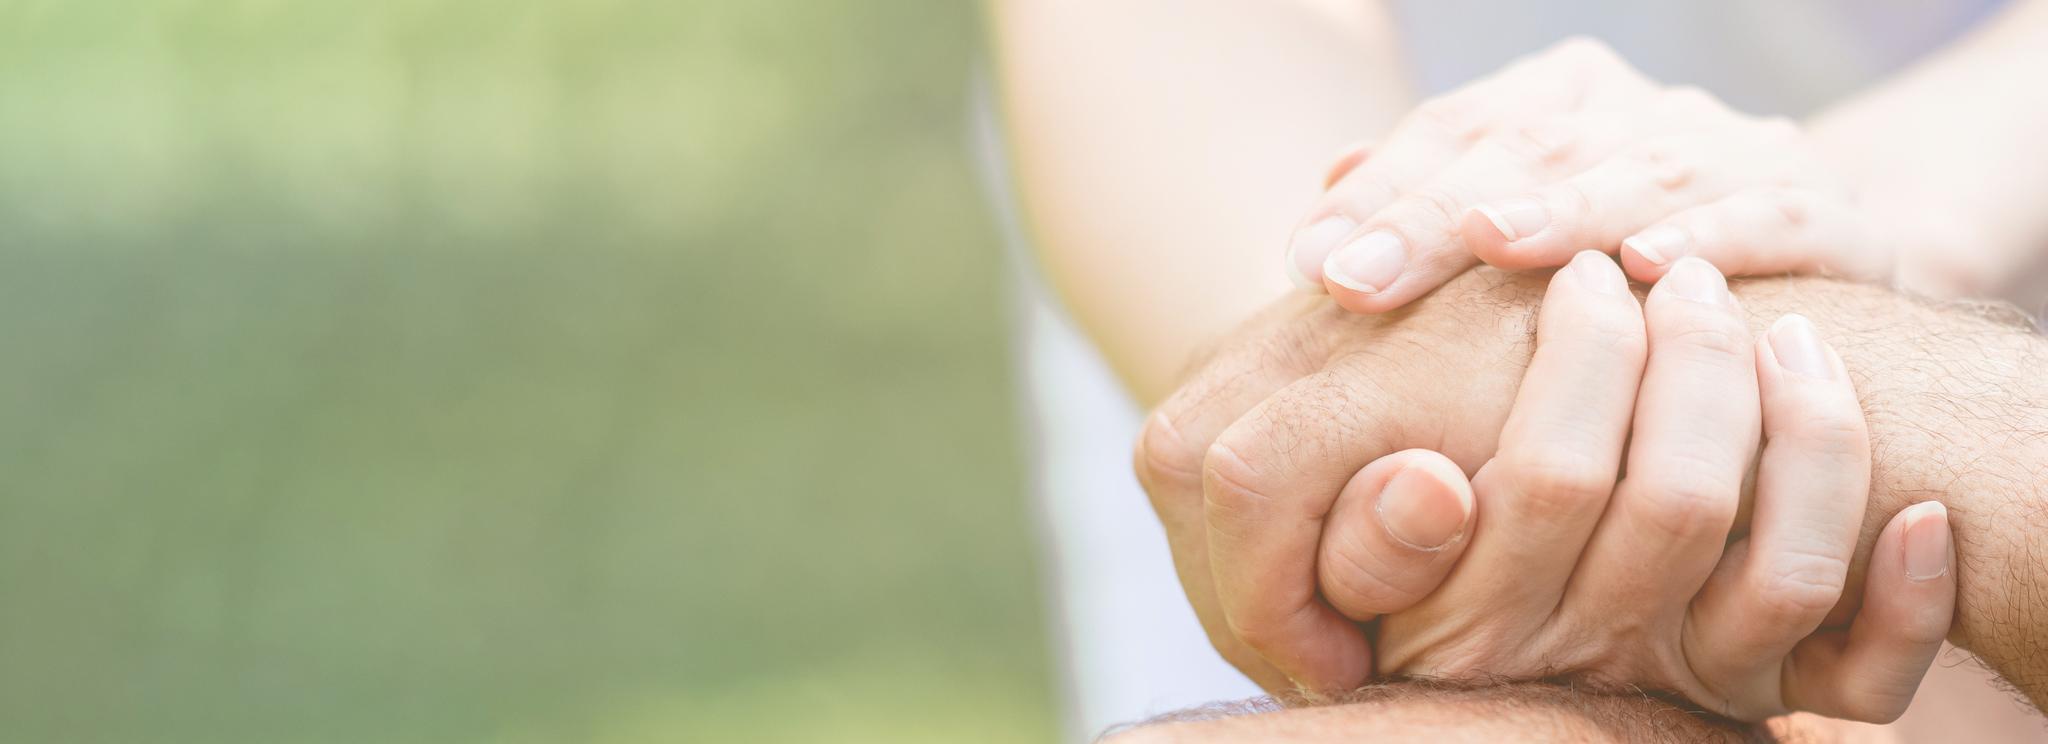 Zwei Hände einer Person umfassen die Hand eines anderen